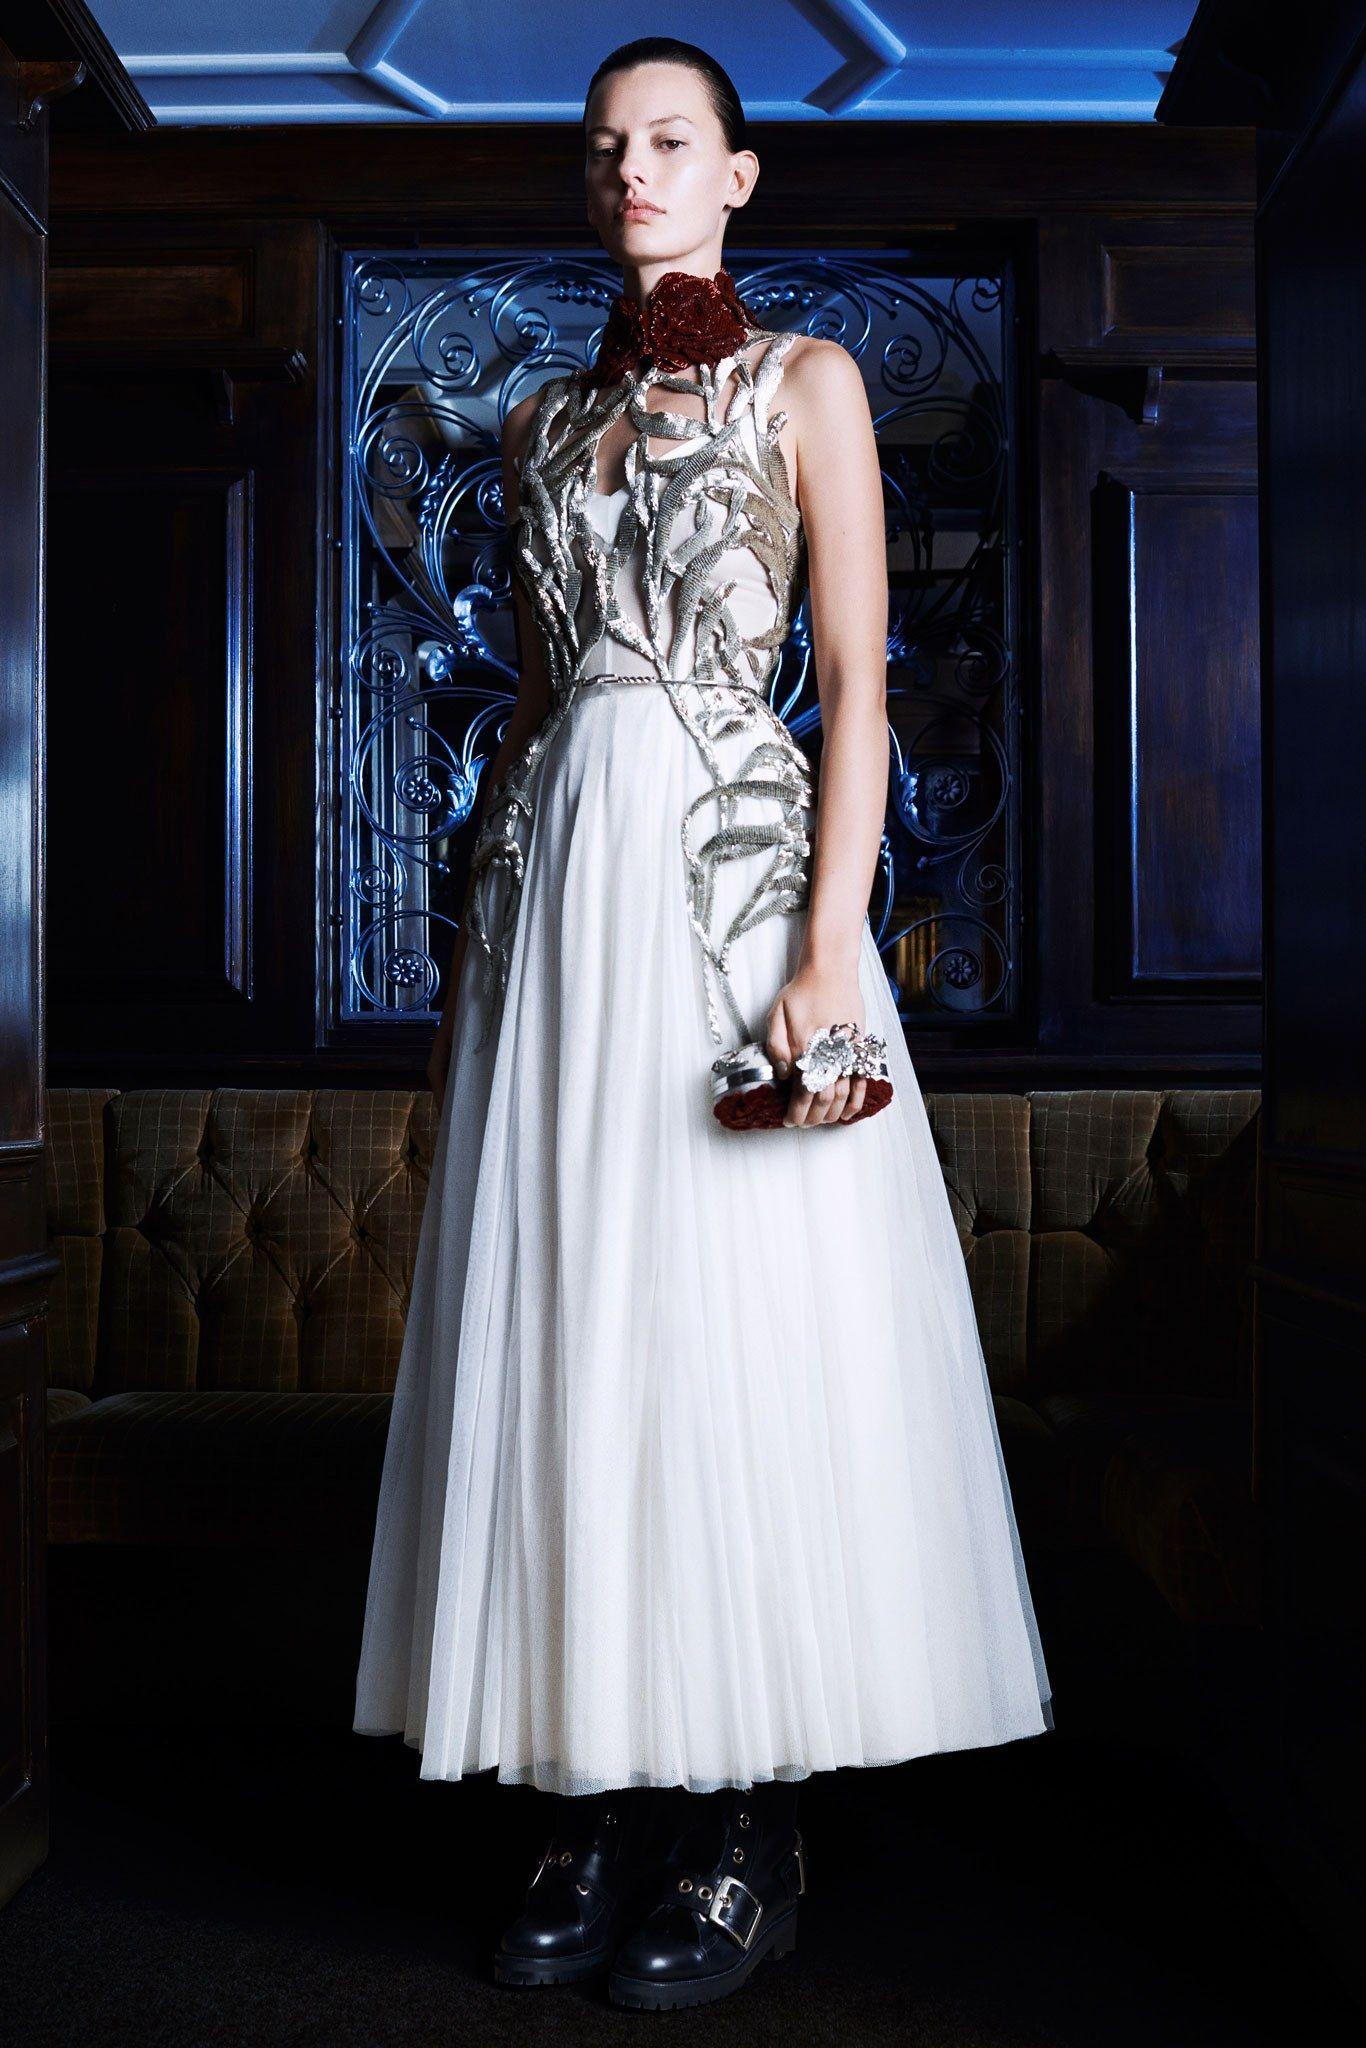 Alexander Mcqueen Pre Fall 2014 Fashion Show Moda Estilo Moda Vestidos De Novia Civil